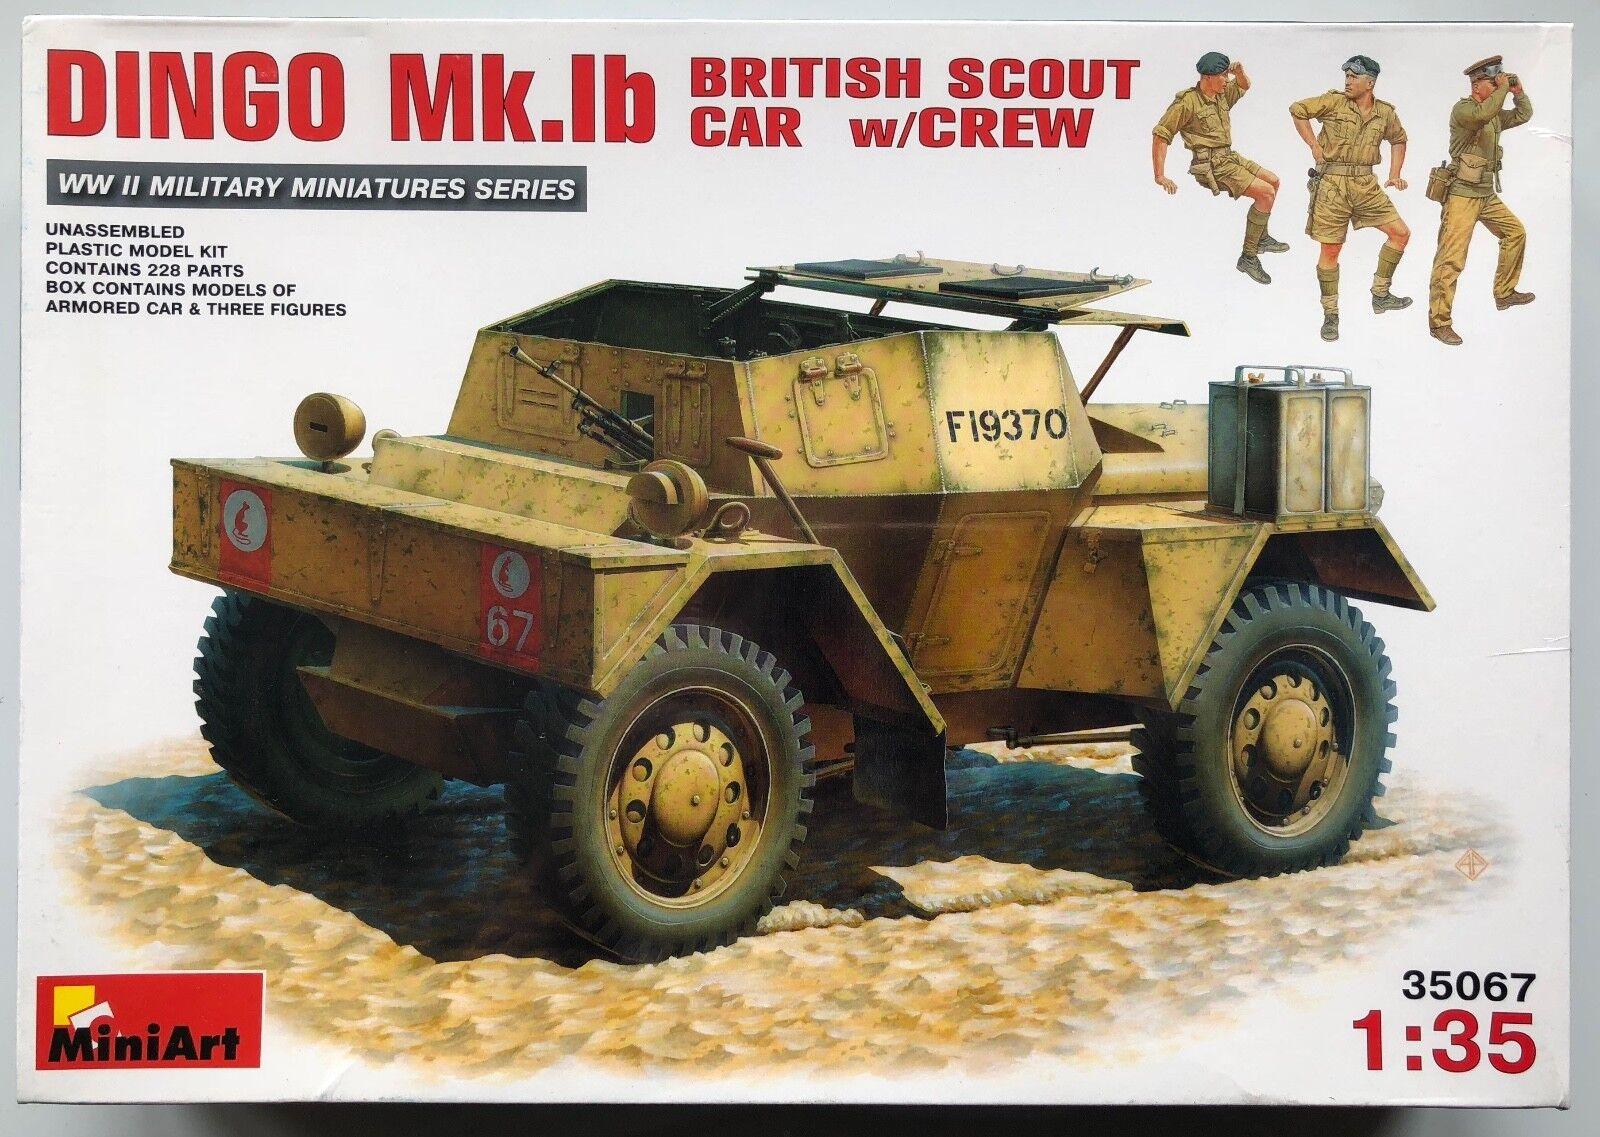 MiniArt 35067 Dingo Mk.Ib British Scout Car w Crew 1 35 Military Model Kit NIB